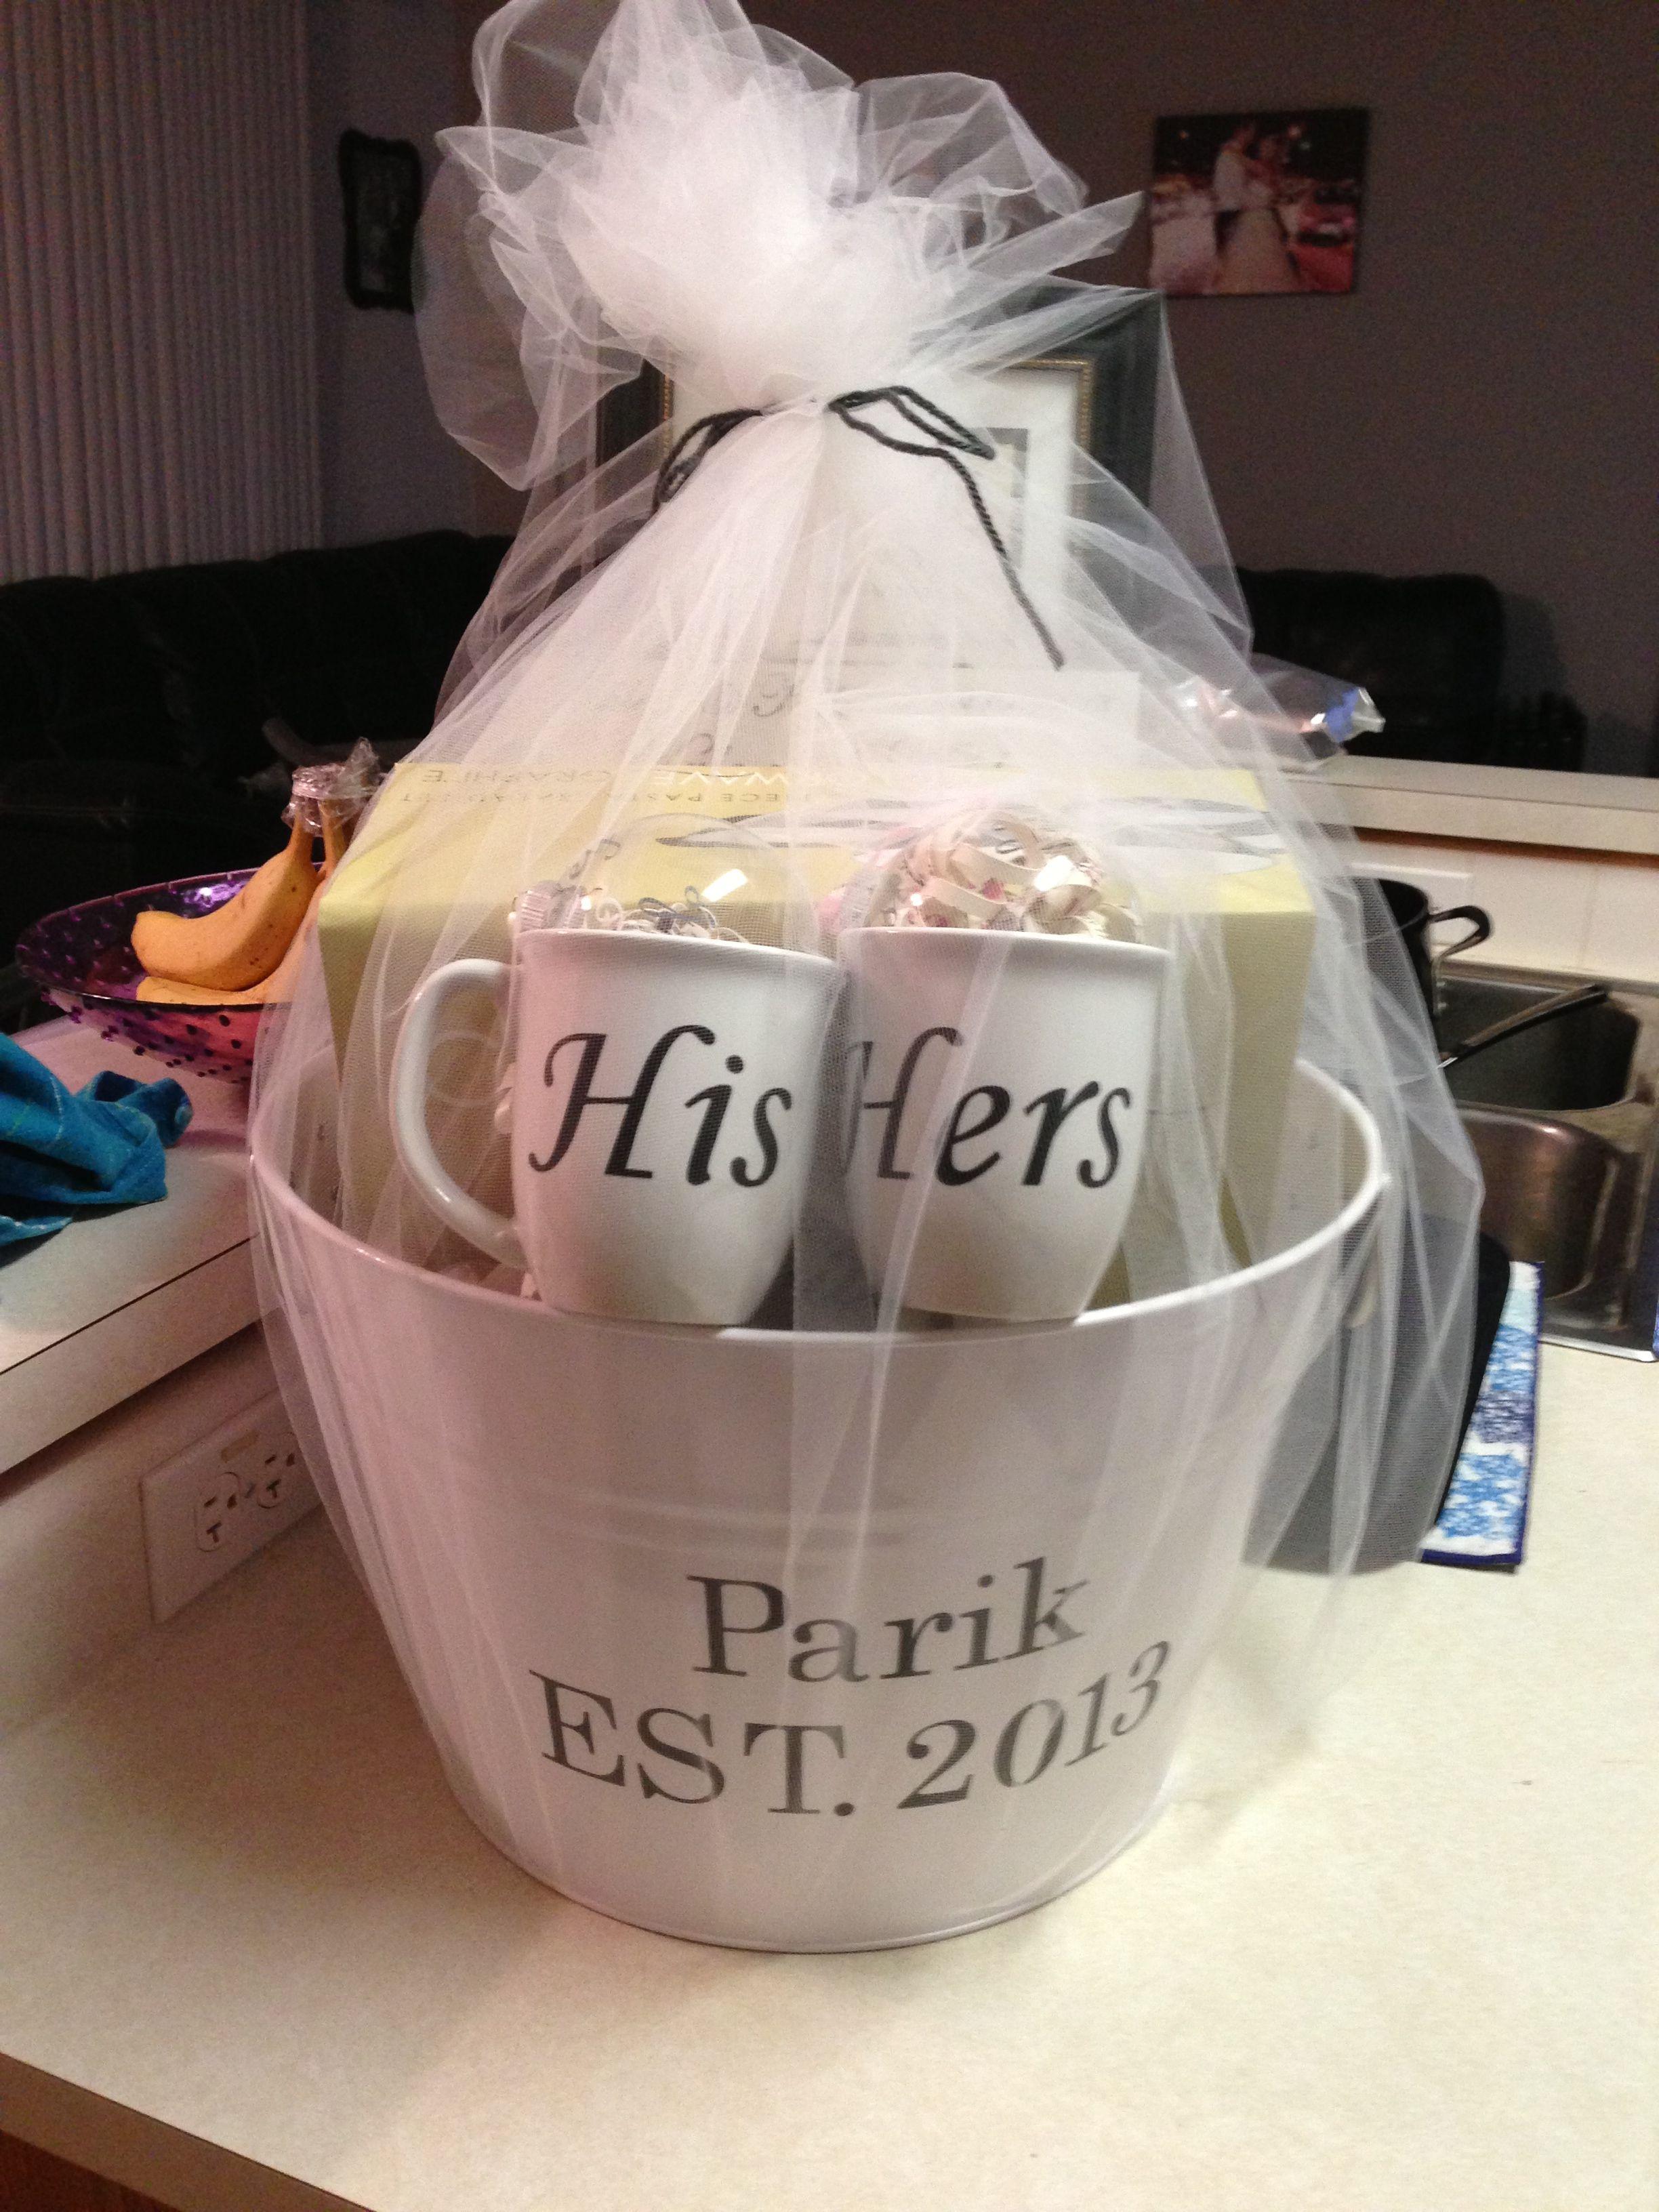 Подарок на свадьбу из конфет, как его преподнести?